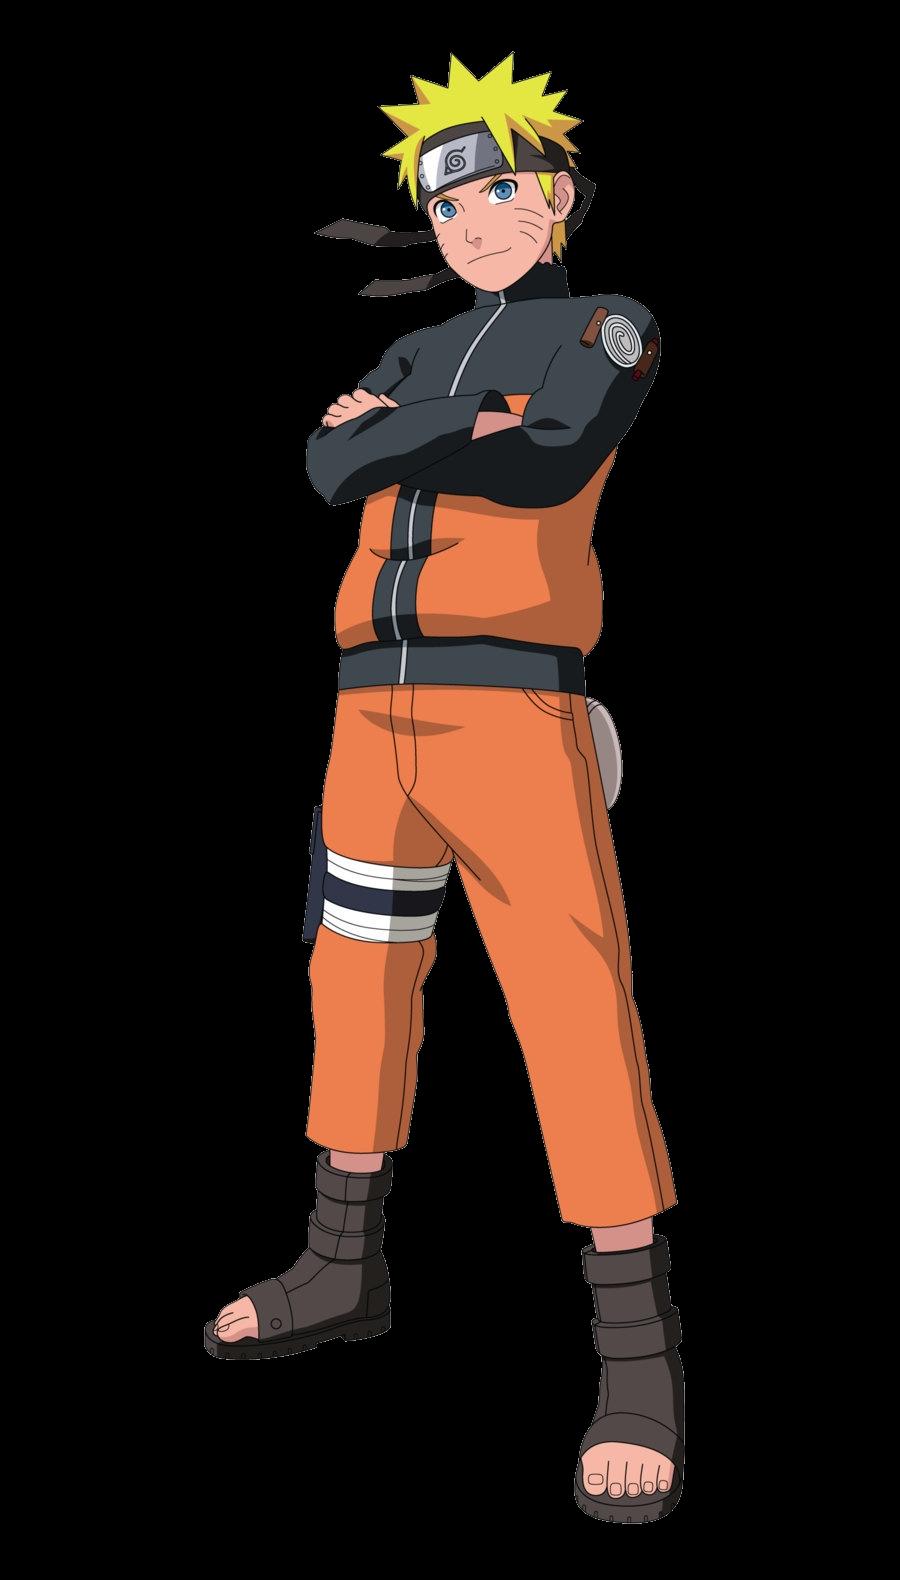 Naruto Uzumaki | Ultimate Pop Culture Wiki | FANDOM powered by Wikia